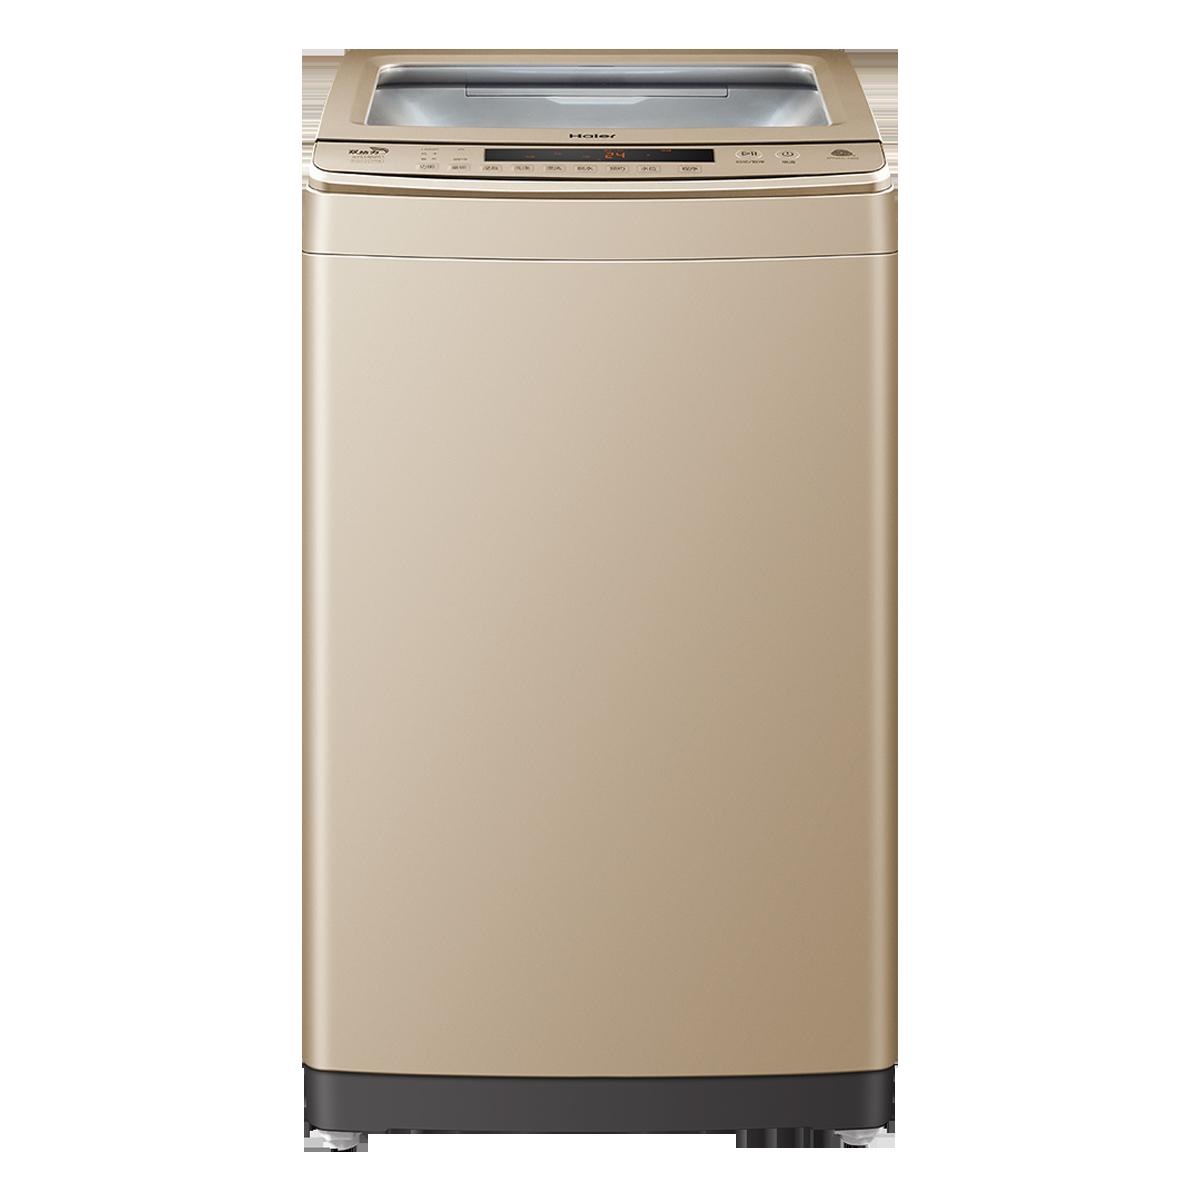 海尔Haier洗衣机 S75188Z61 说明书